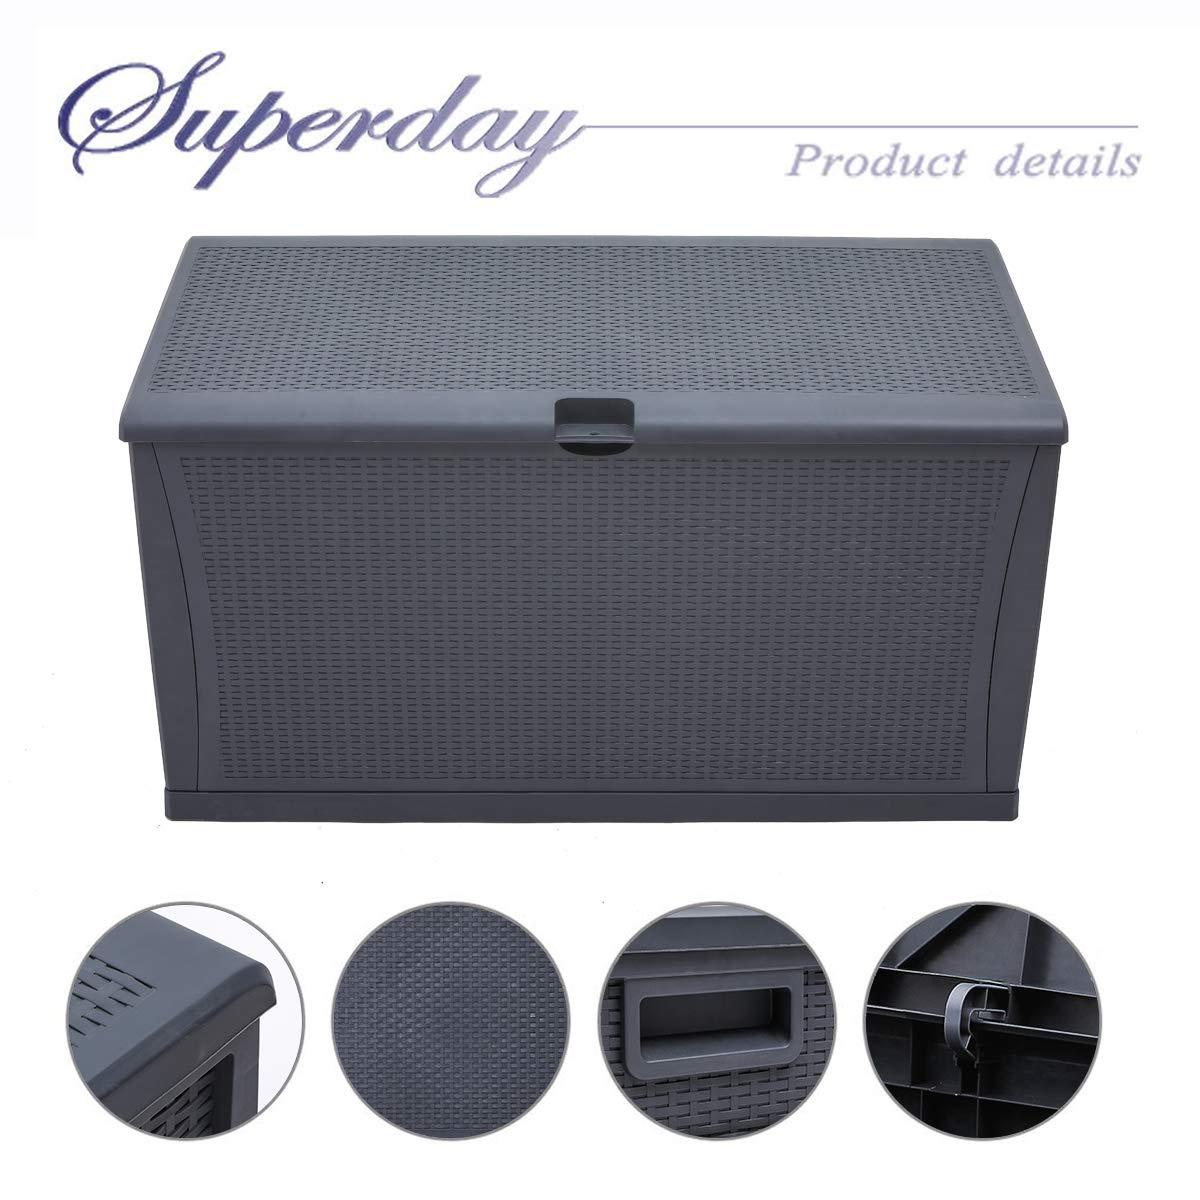 Amazon.com: Superday - Caja de almacenamiento de mimbre ...